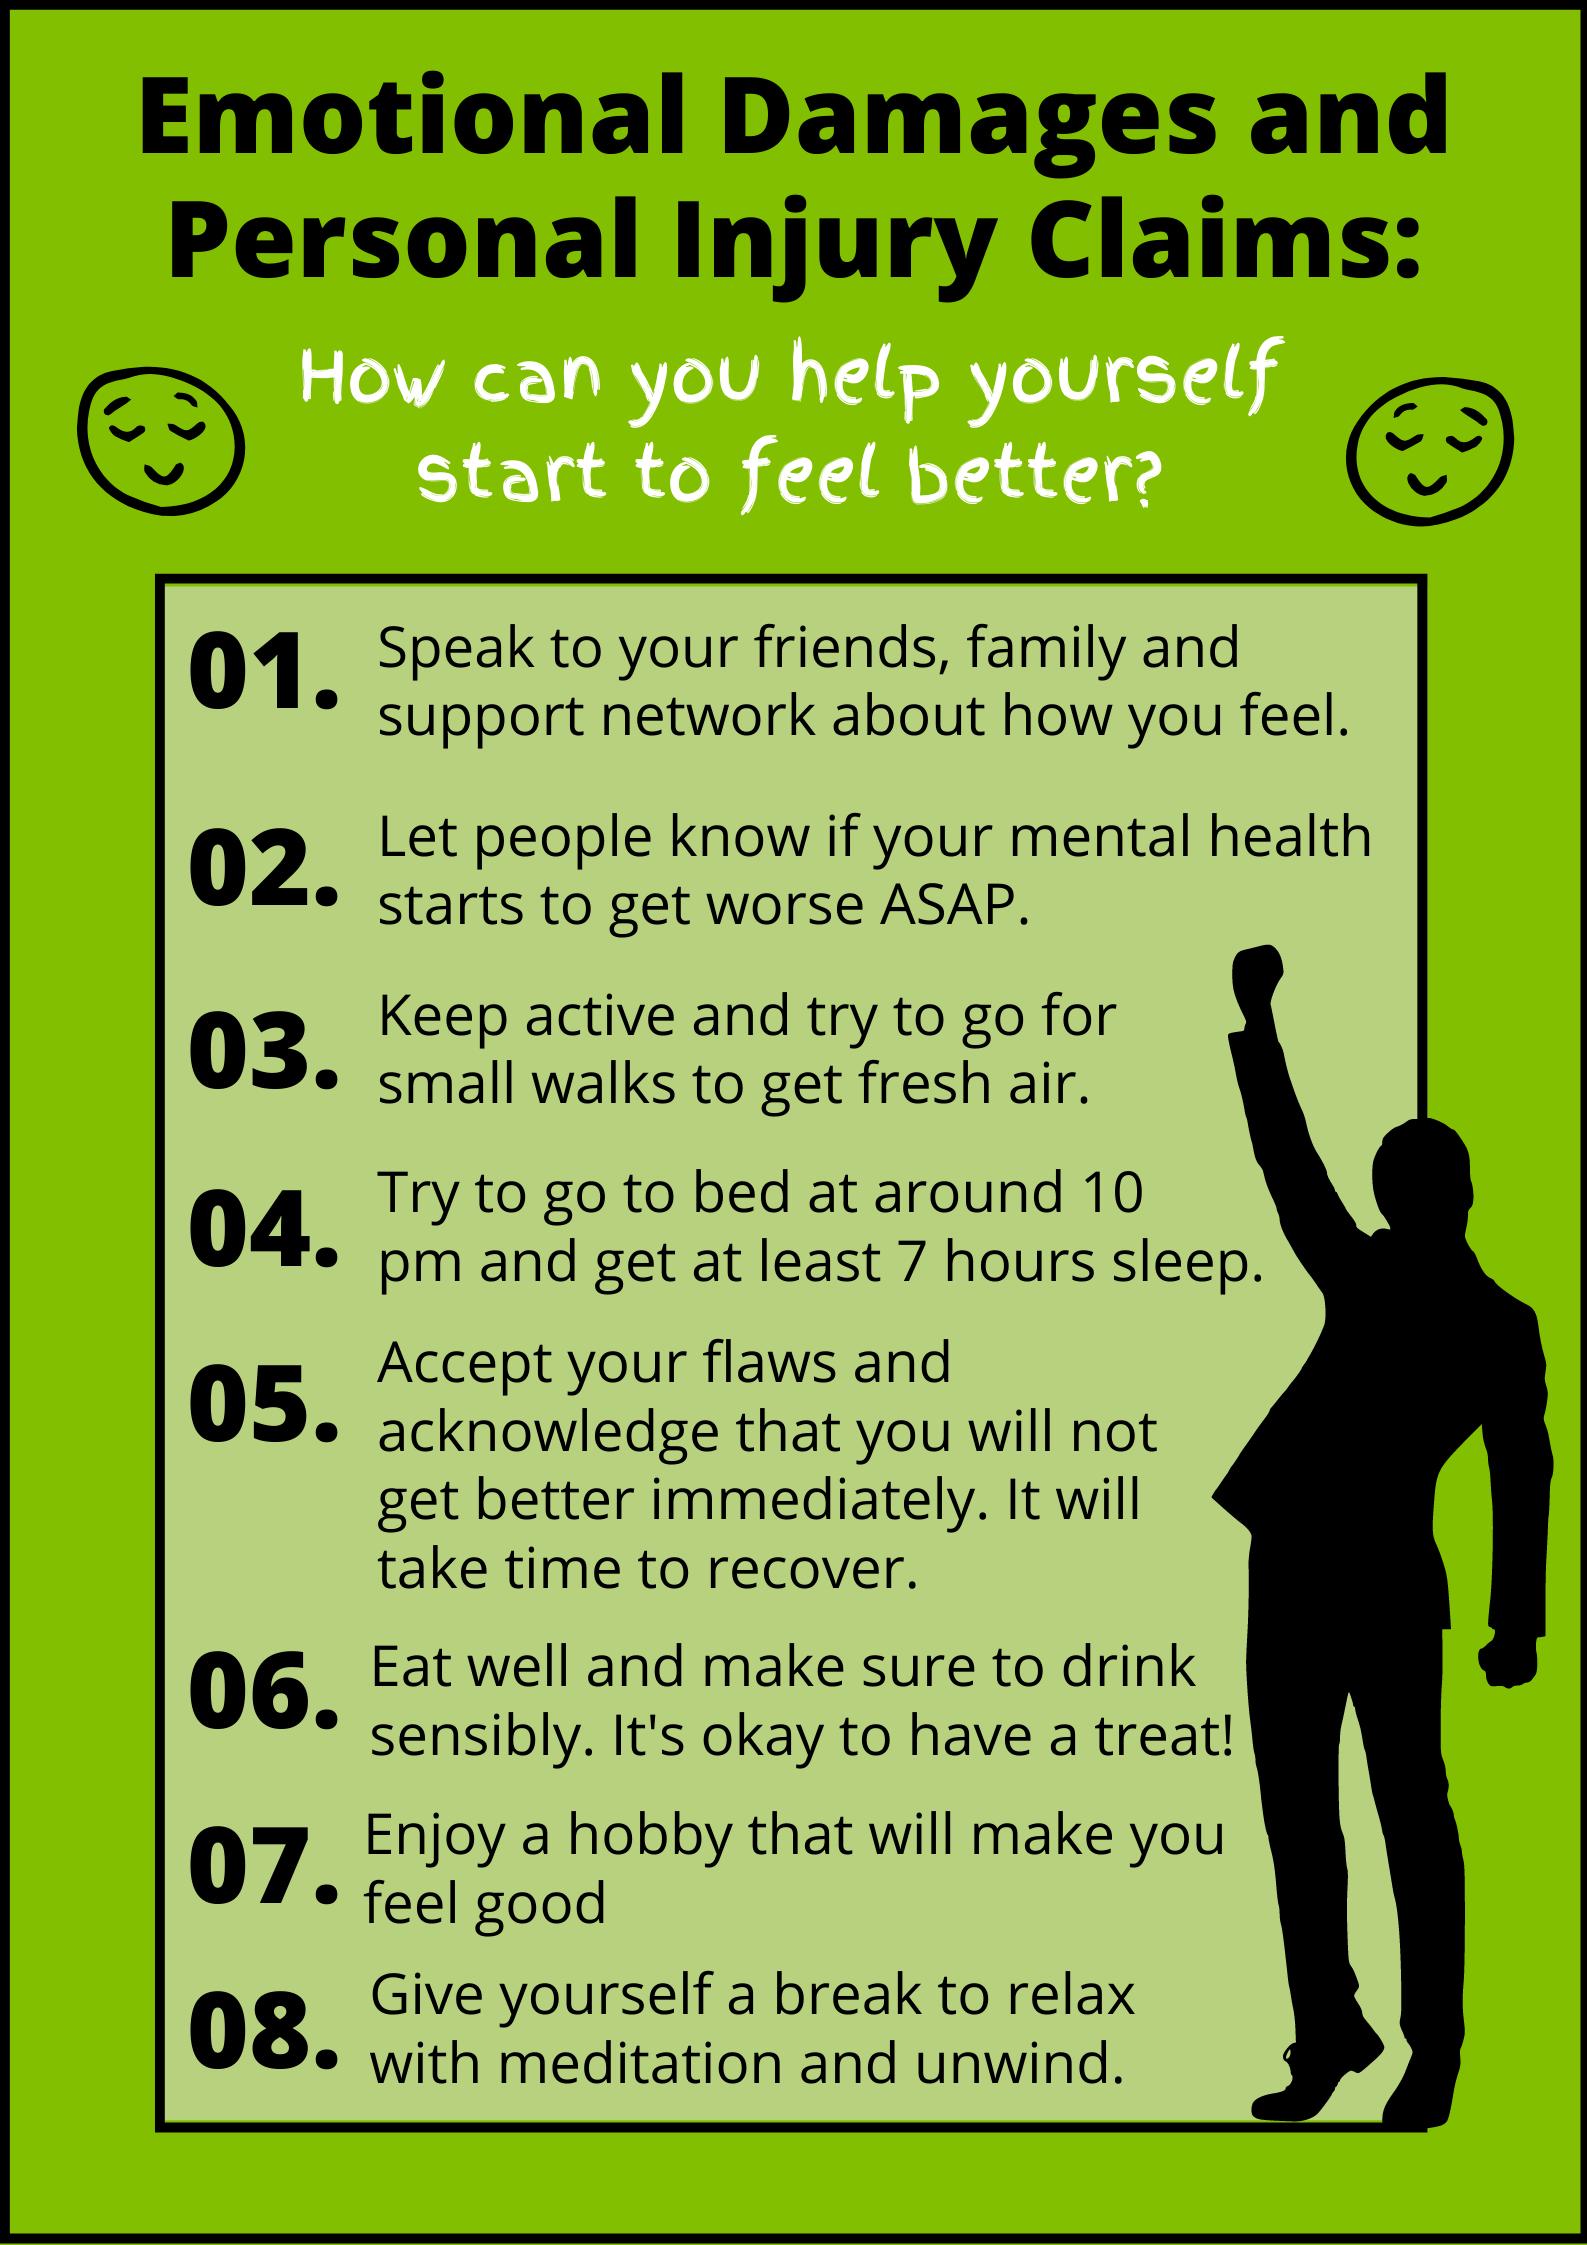 Emotional Damages Poster